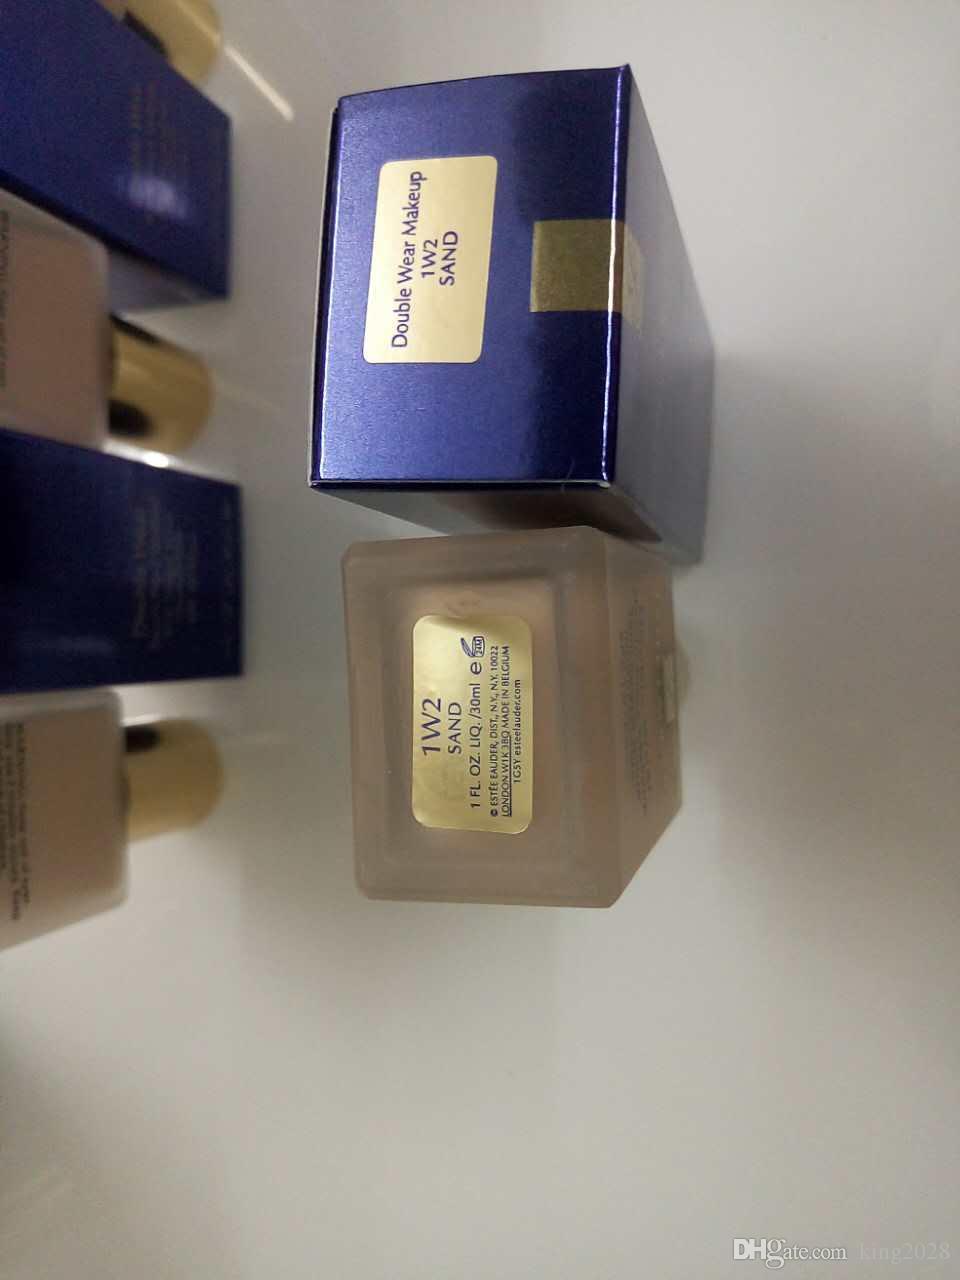 في المخزون والشحن المجاني! مؤسسة ارتداء مزدوجة السائل البقاء في مكان ماكياج DW CONCEALER 30ML 2 الألوان